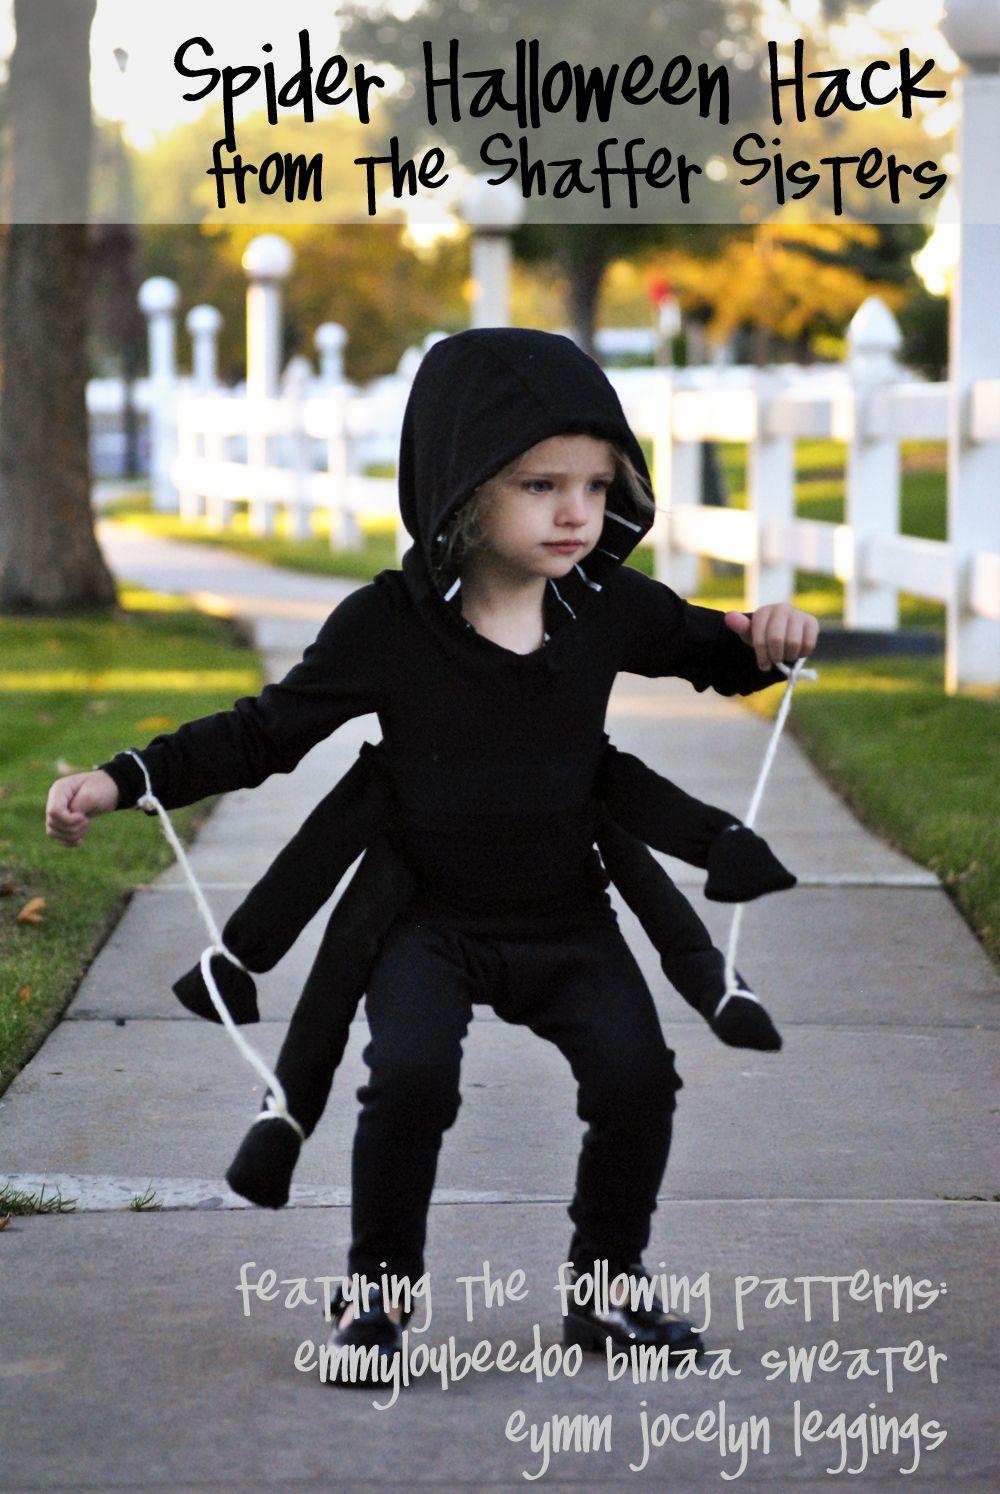 Halloween Kleidung Kinder Einzigartig Shaffer Sisters Spider Costume Speedy Gonzales Halloween